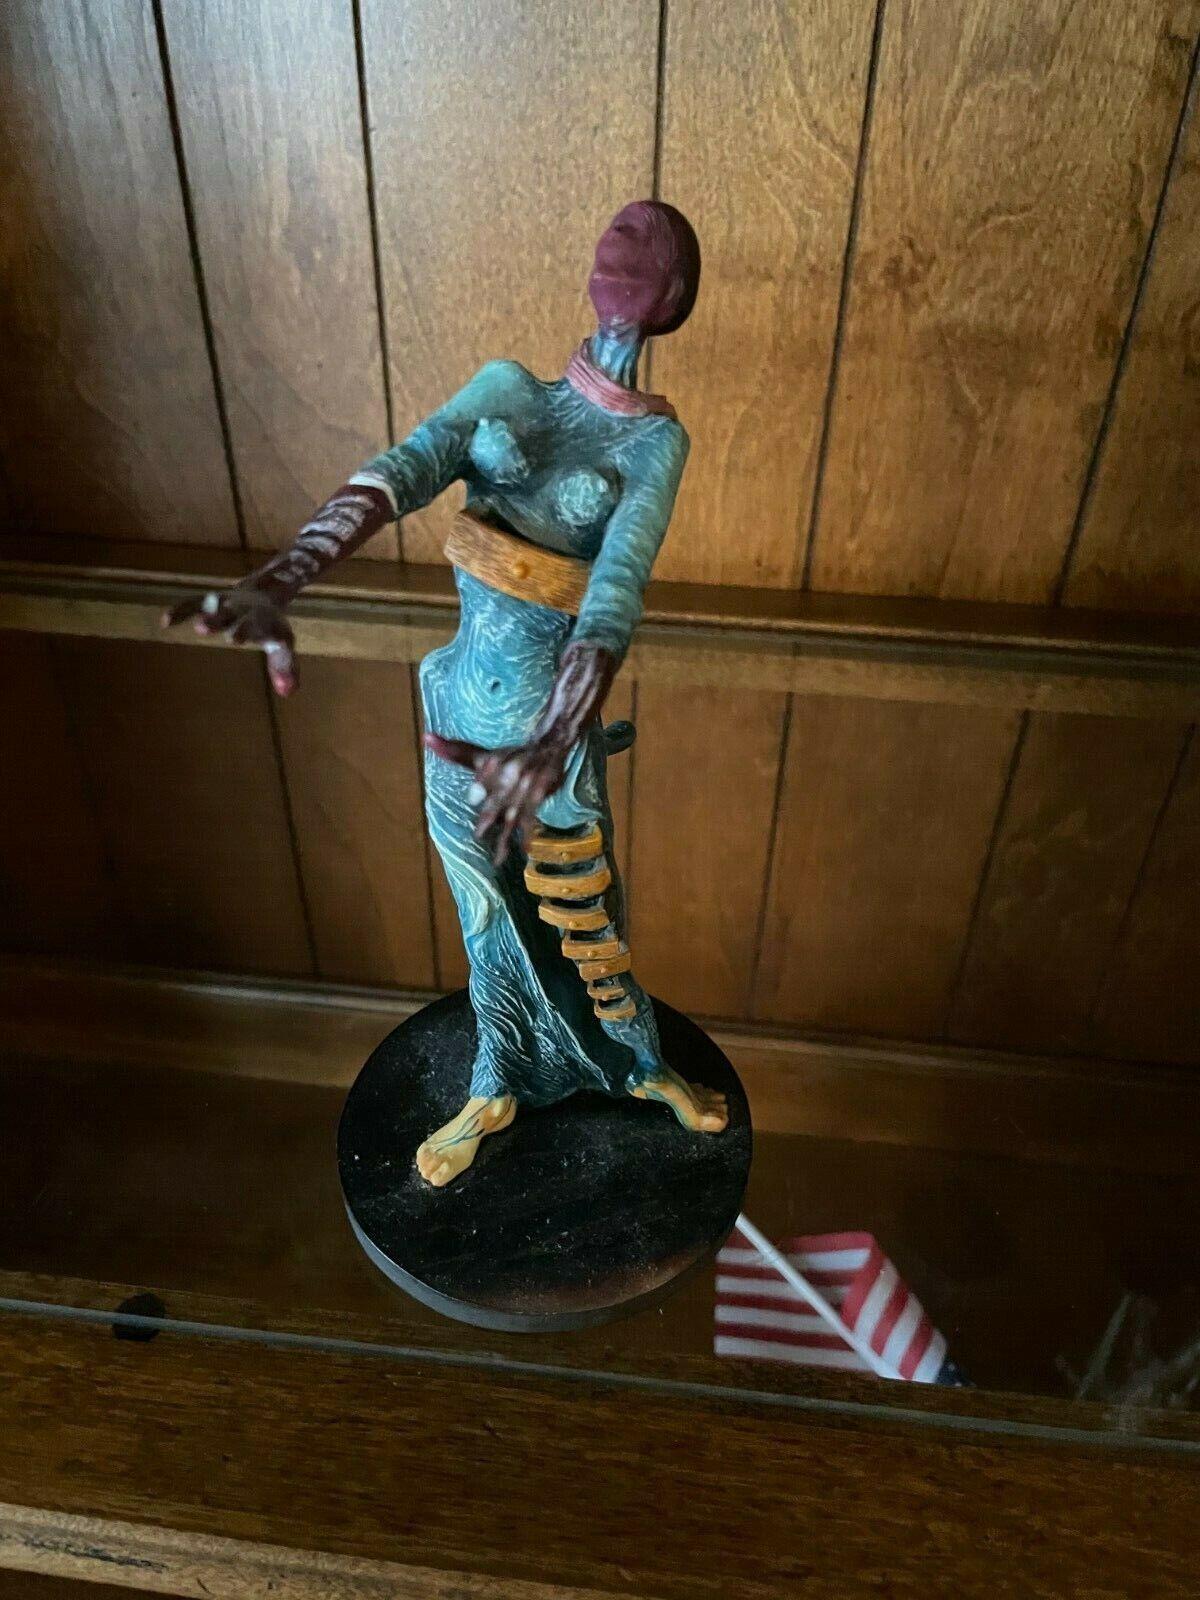 Burning Giraffe Woman With Drawers Sculpture Statue Artist Salvador Dali Art - $45.00